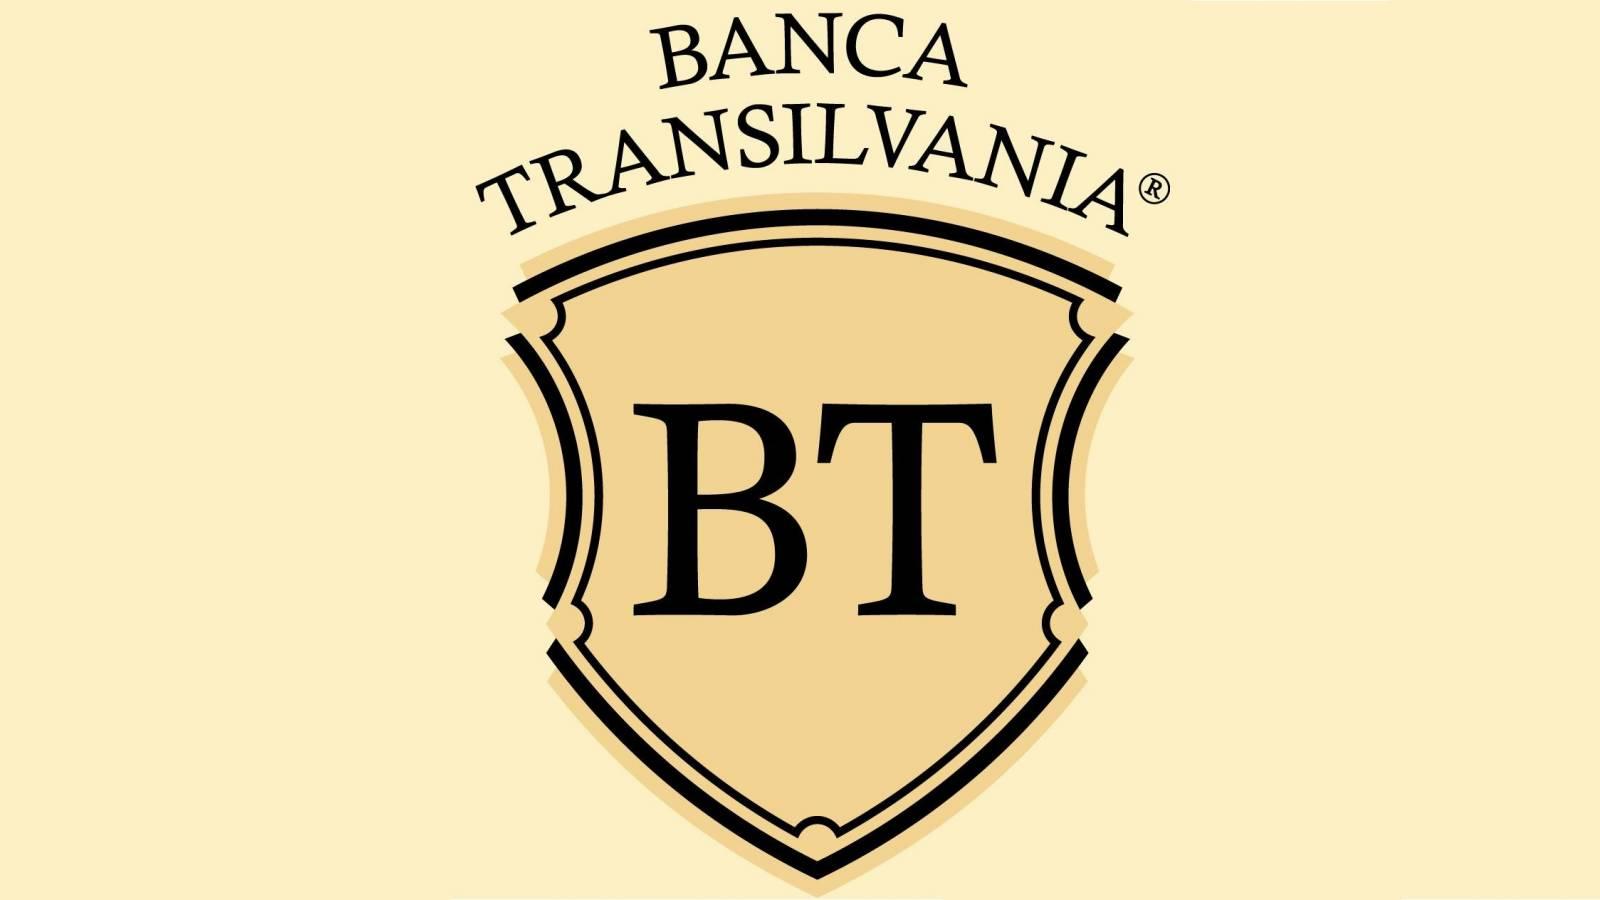 BANCA Transilvania phishing